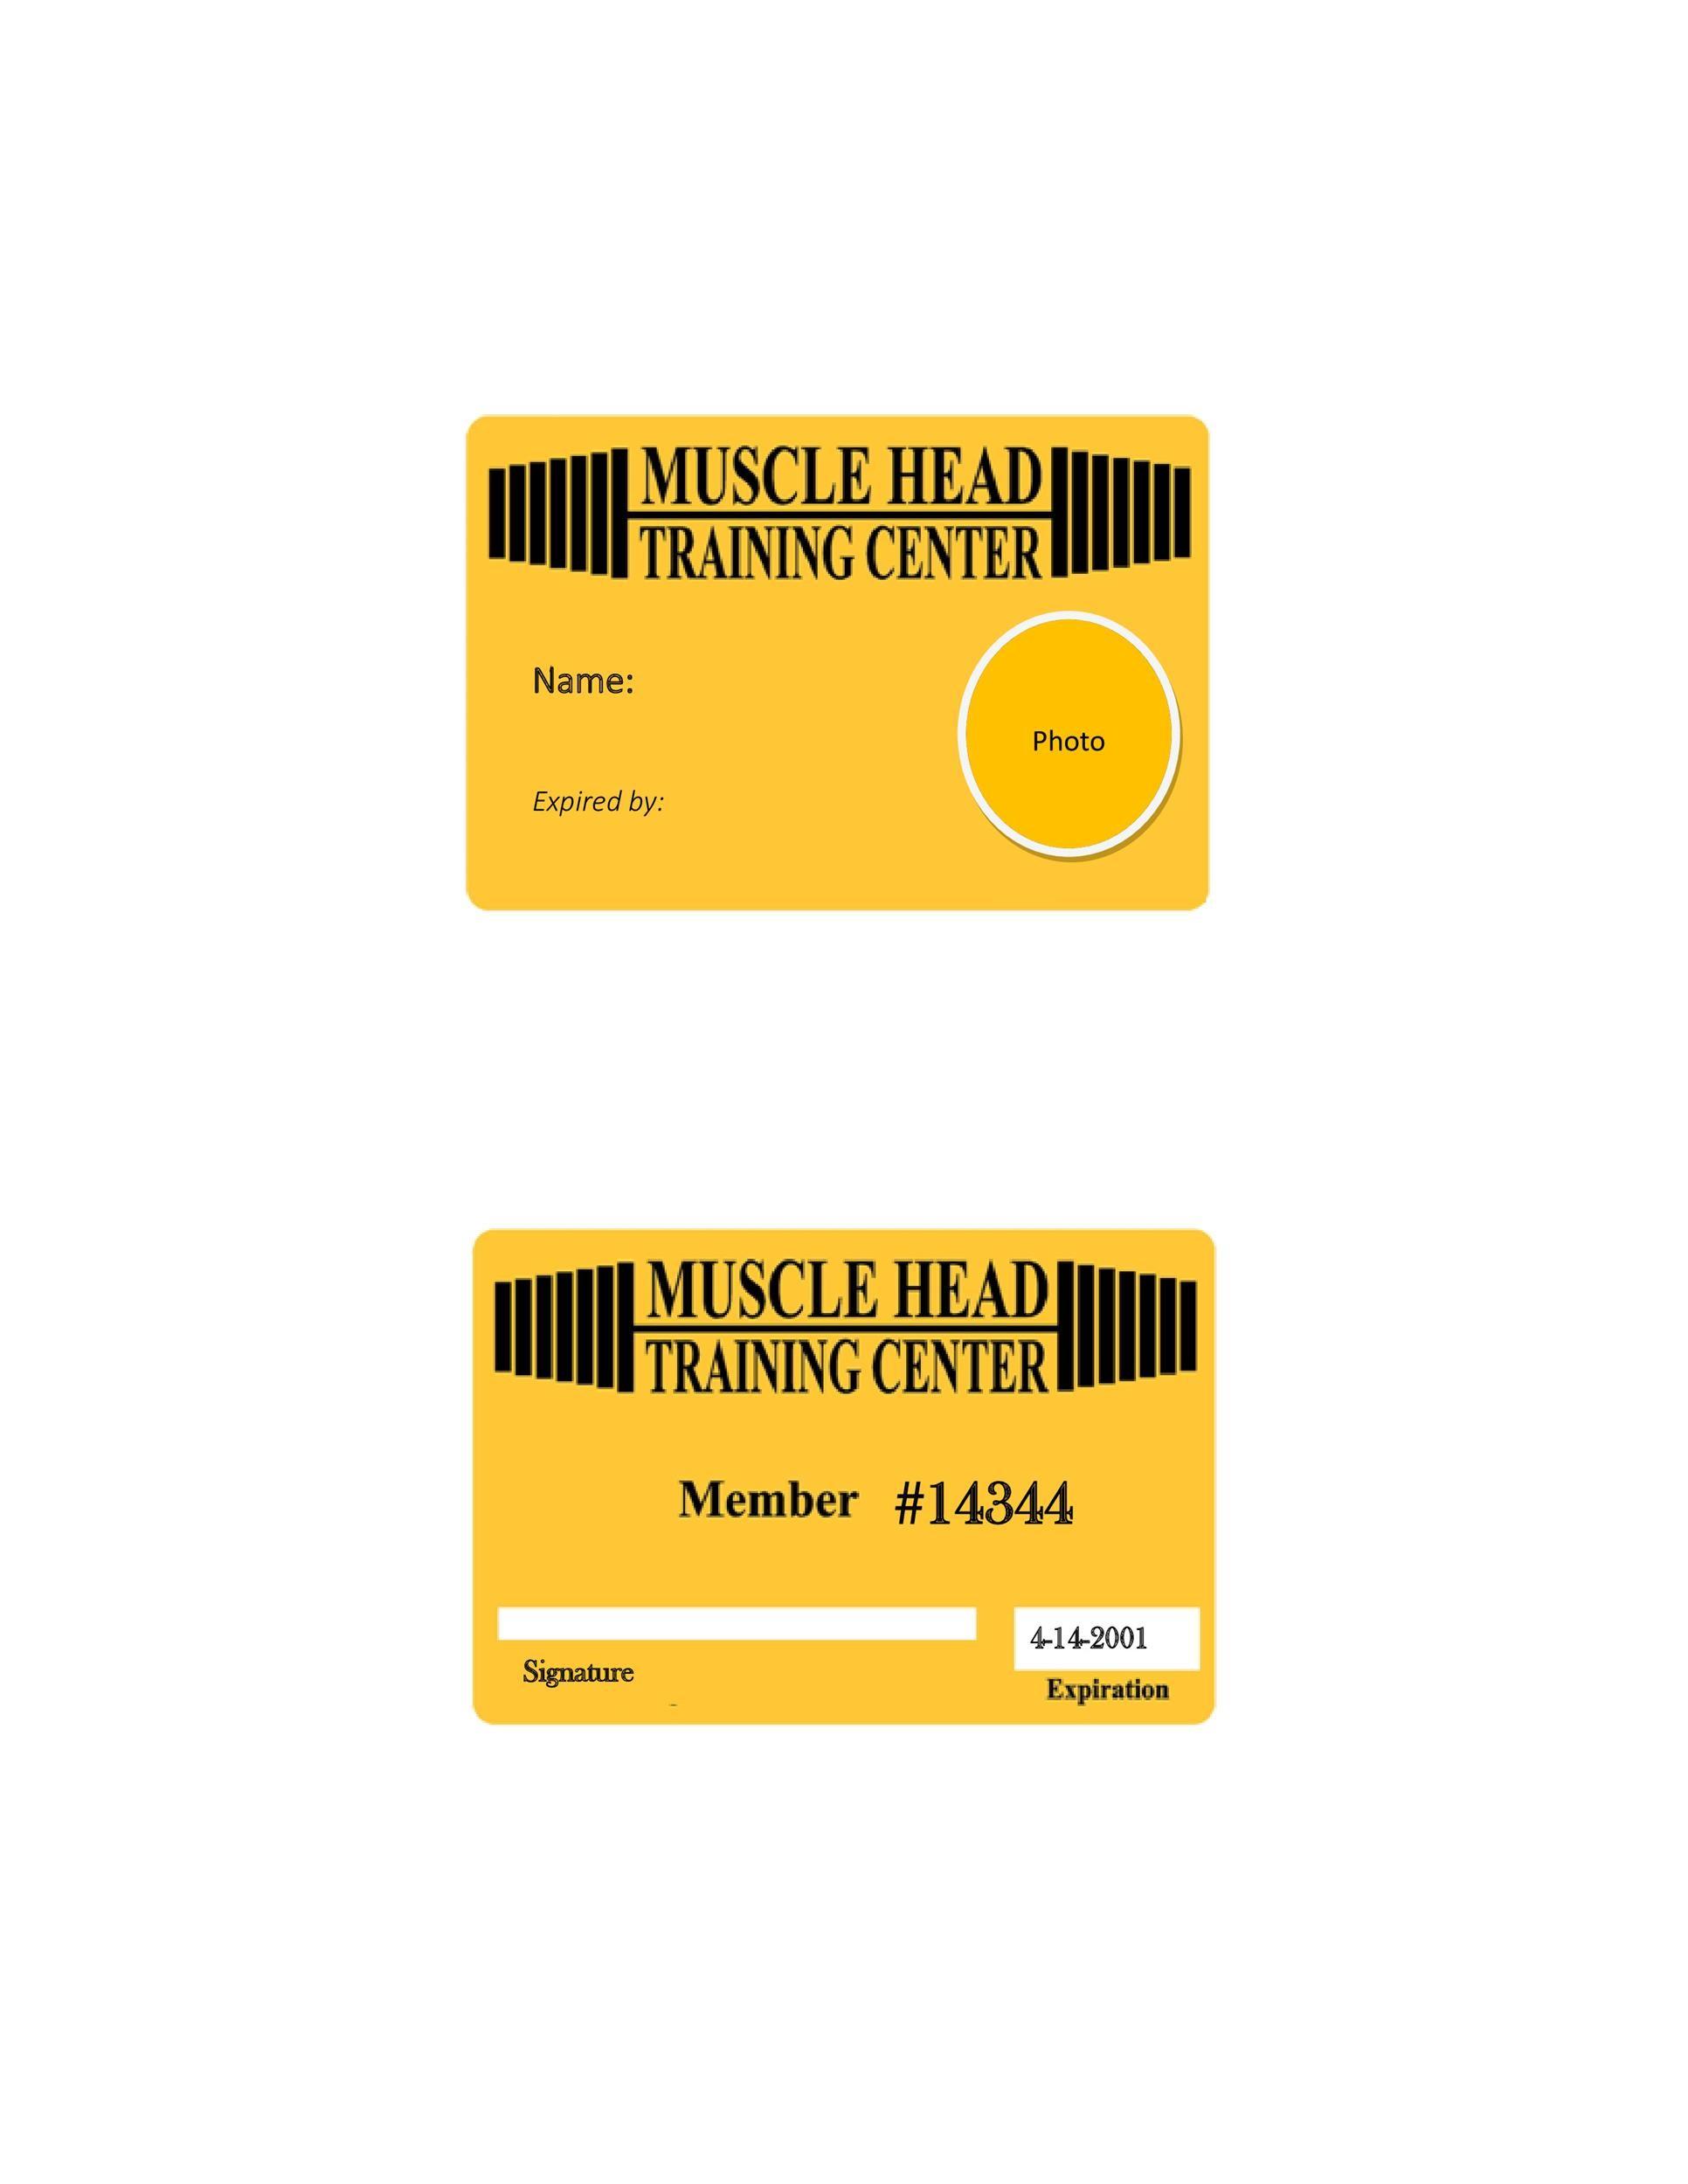 Free Membership Card Design Template 17